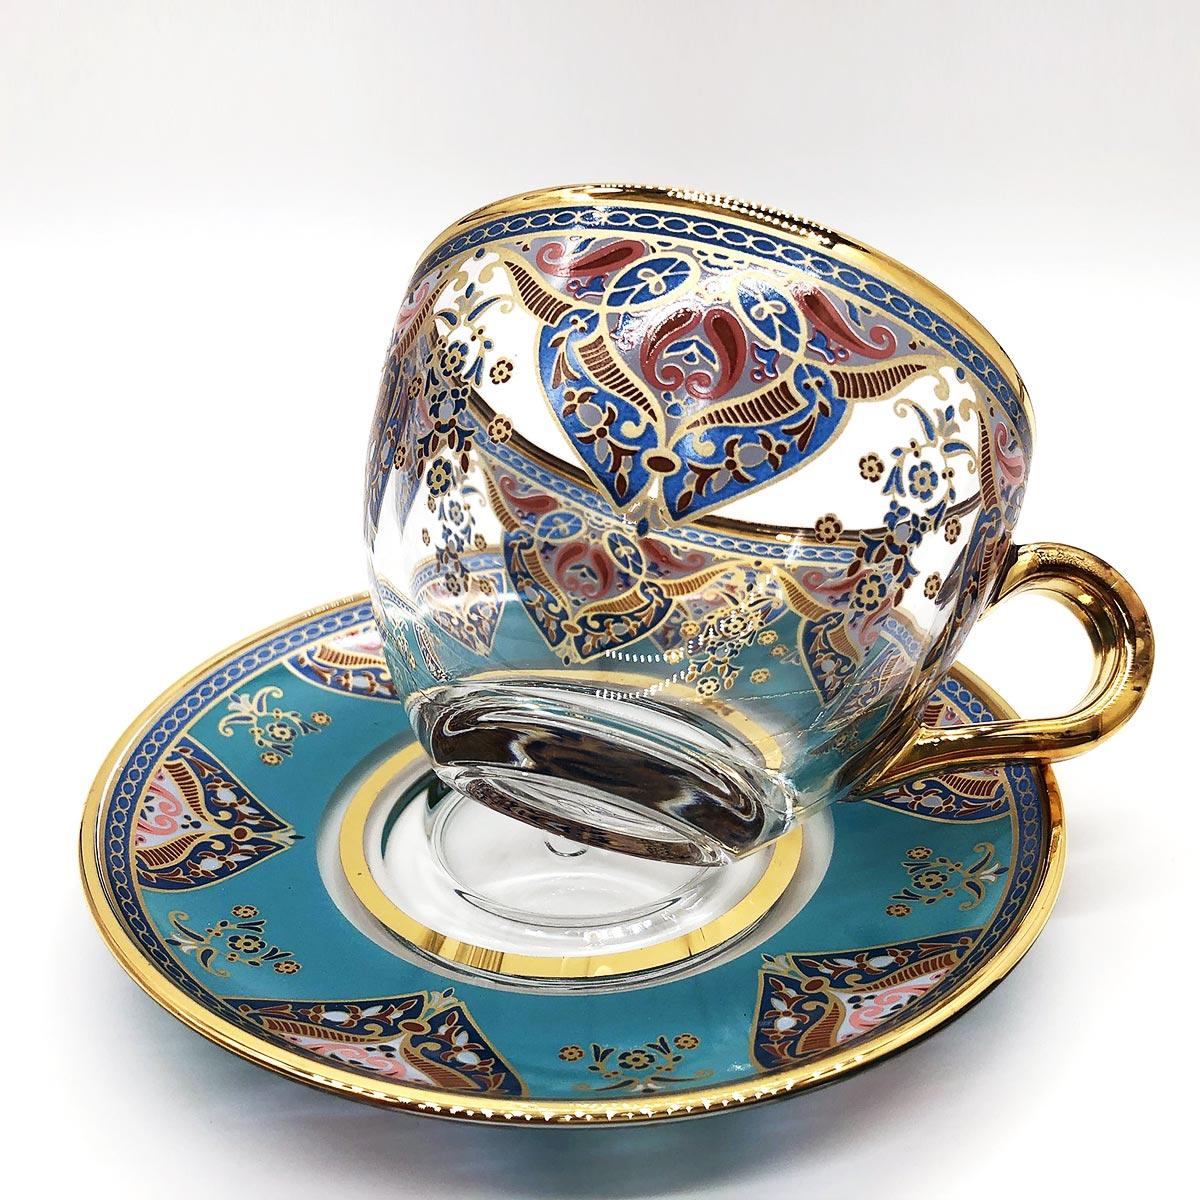 一つ一つ手作業で製作している耐熱ガラスのカップとソーサー2点セット トルコ雑貨 チャイグラス コーヒー ソーサーセット 輸入 海外 食器 おしゃれ インテリア トルコ製 土産 ギフト 【レビューで全プレ】トルコチャイ カップ&ソーサー 2点セット 耐熱ガラス B-03 おしゃれ トルココーヒー グラス インテリア ガラス 紅茶 コーヒー 来客用 人気 チャイ カップ&ソーサーセット プレゼント ギフト 贈り物 おすすめ トルコ 雑貨 食器 送料無料